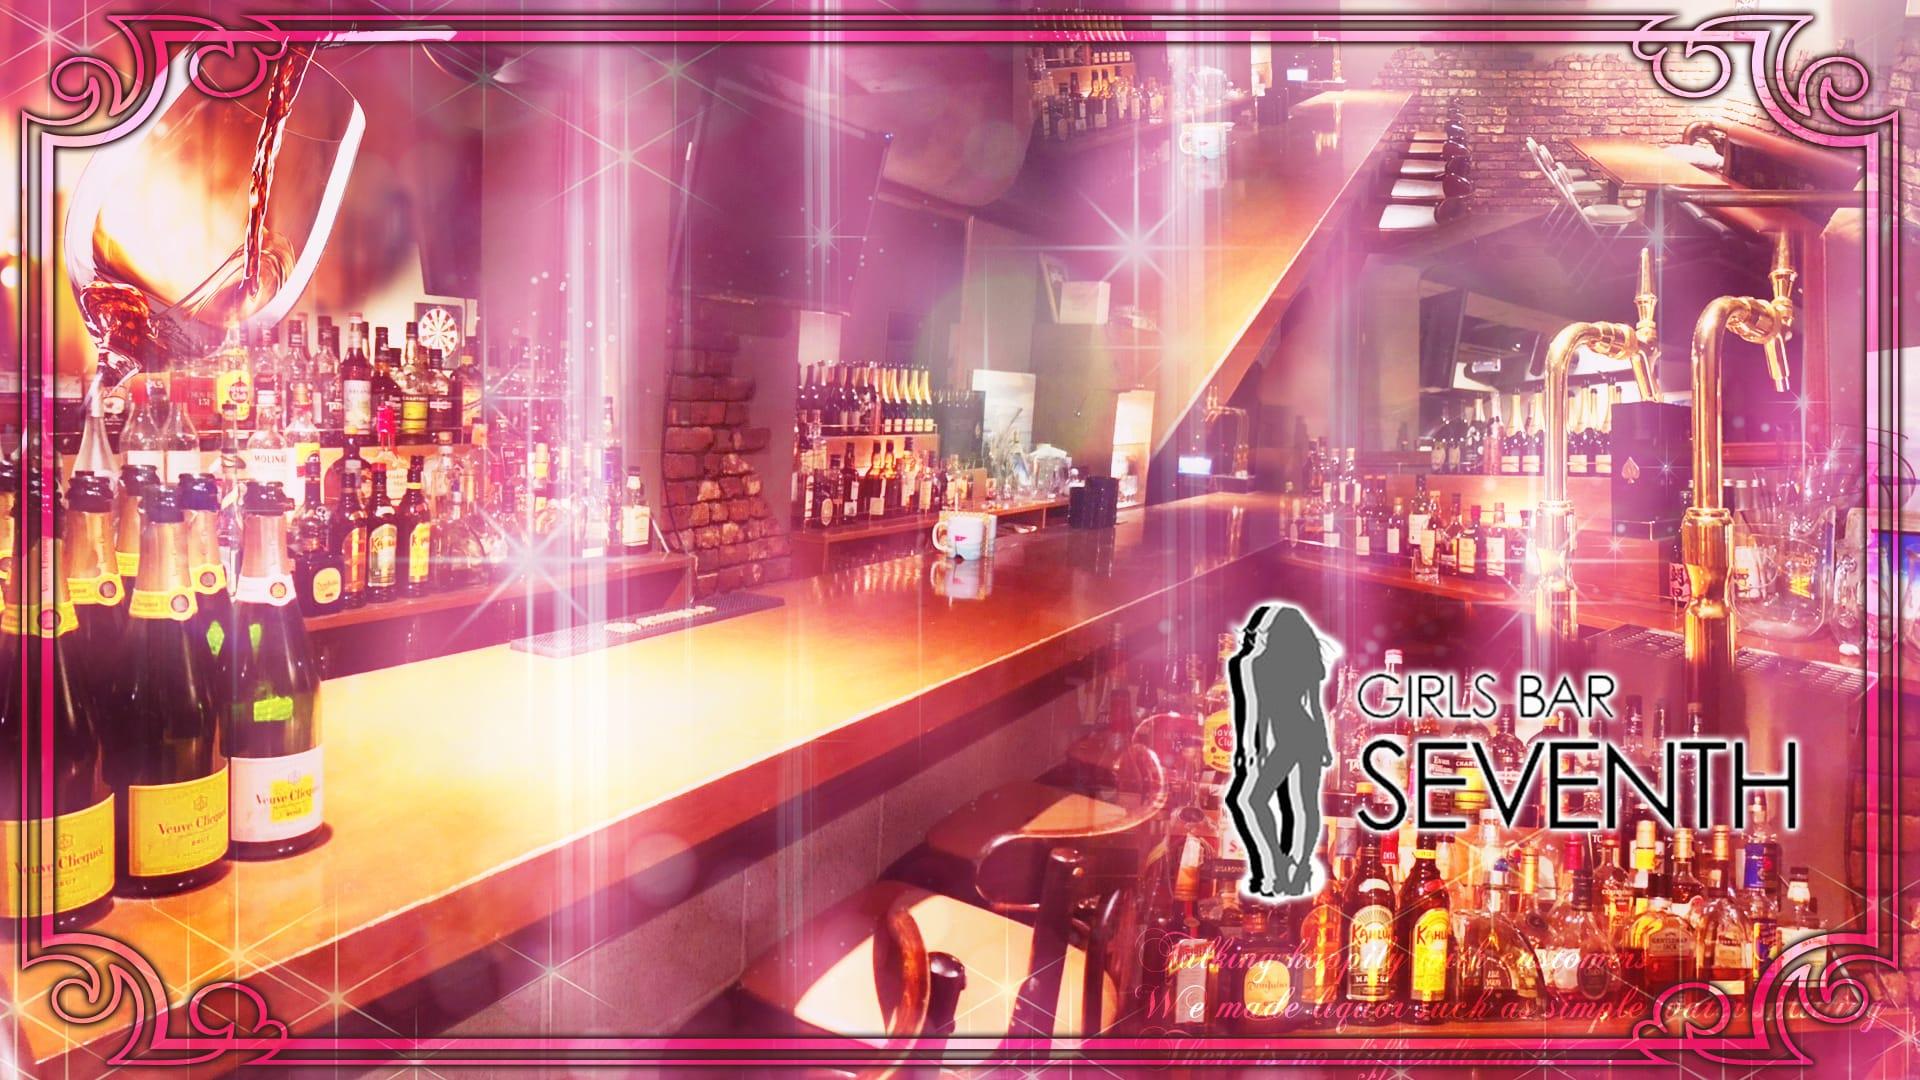 SEVENTH (セブンス) 六本木ガールズバー TOP画像